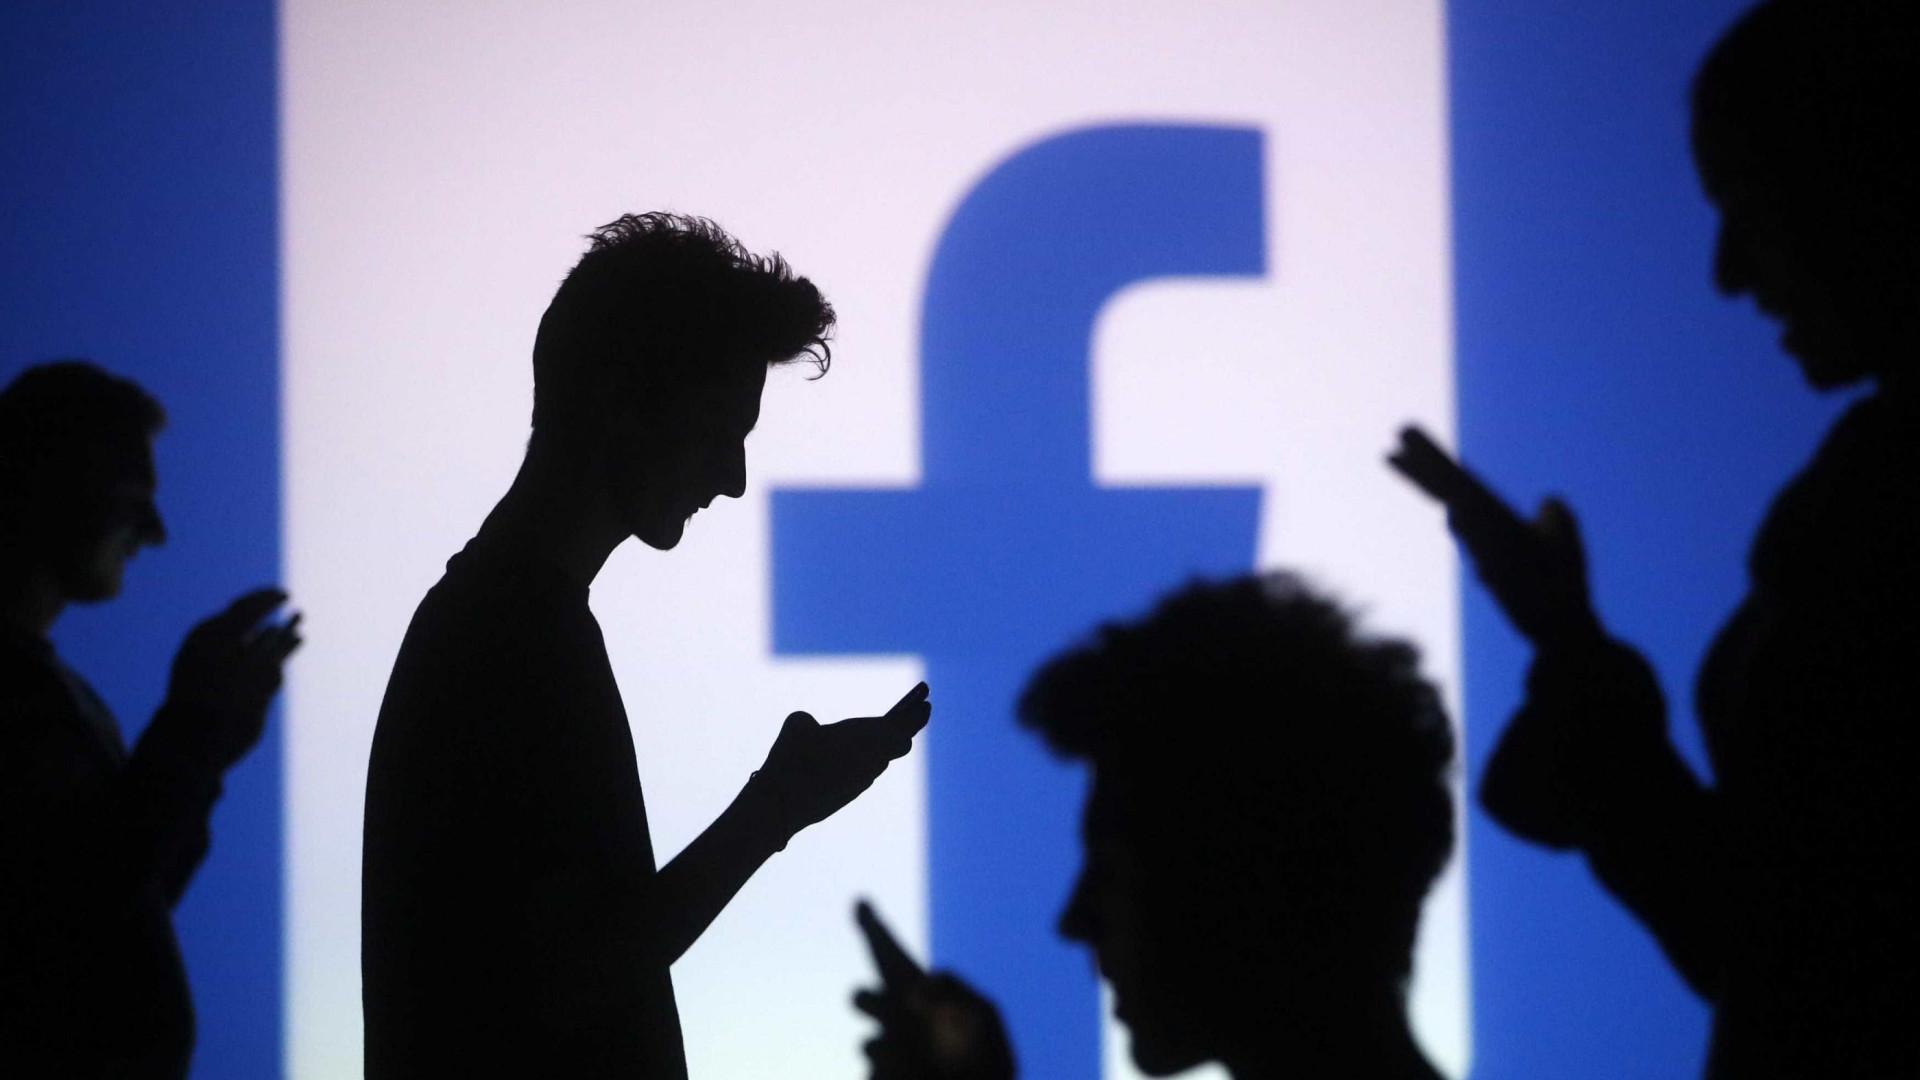 Plataformas do Facebook chegam a 2,6 bilhões de usuários no mundo